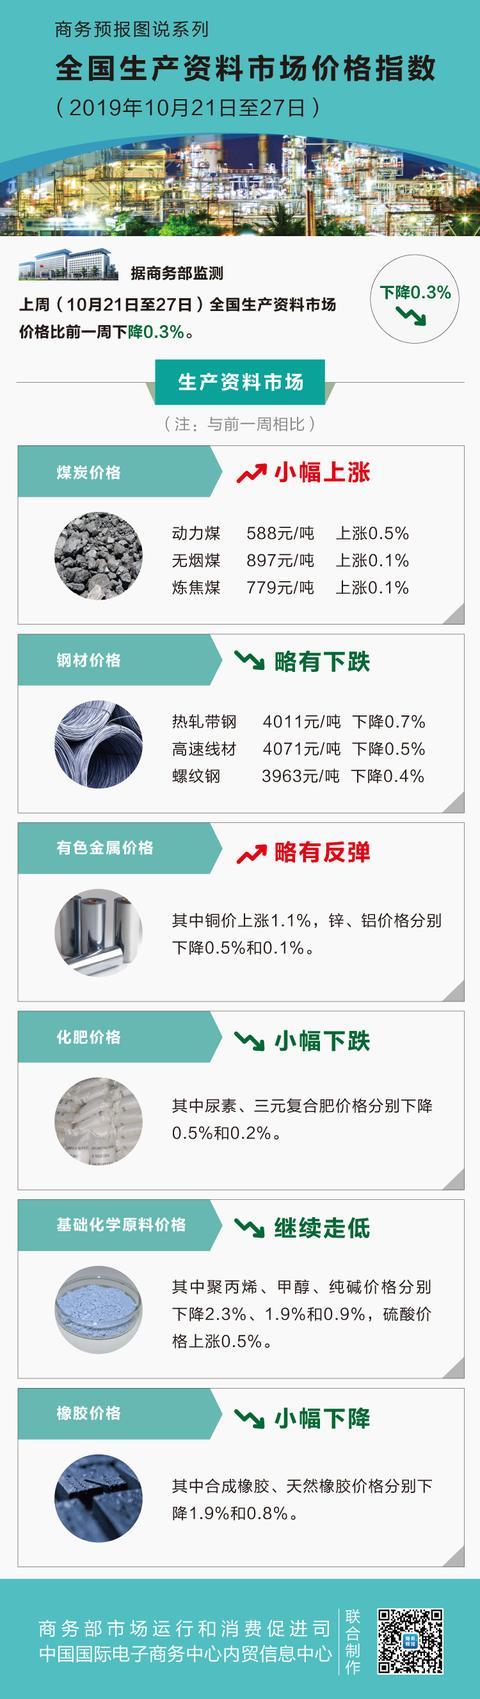 10月第4周生产资料价格小幅下降 聚丙烯下降2.3%